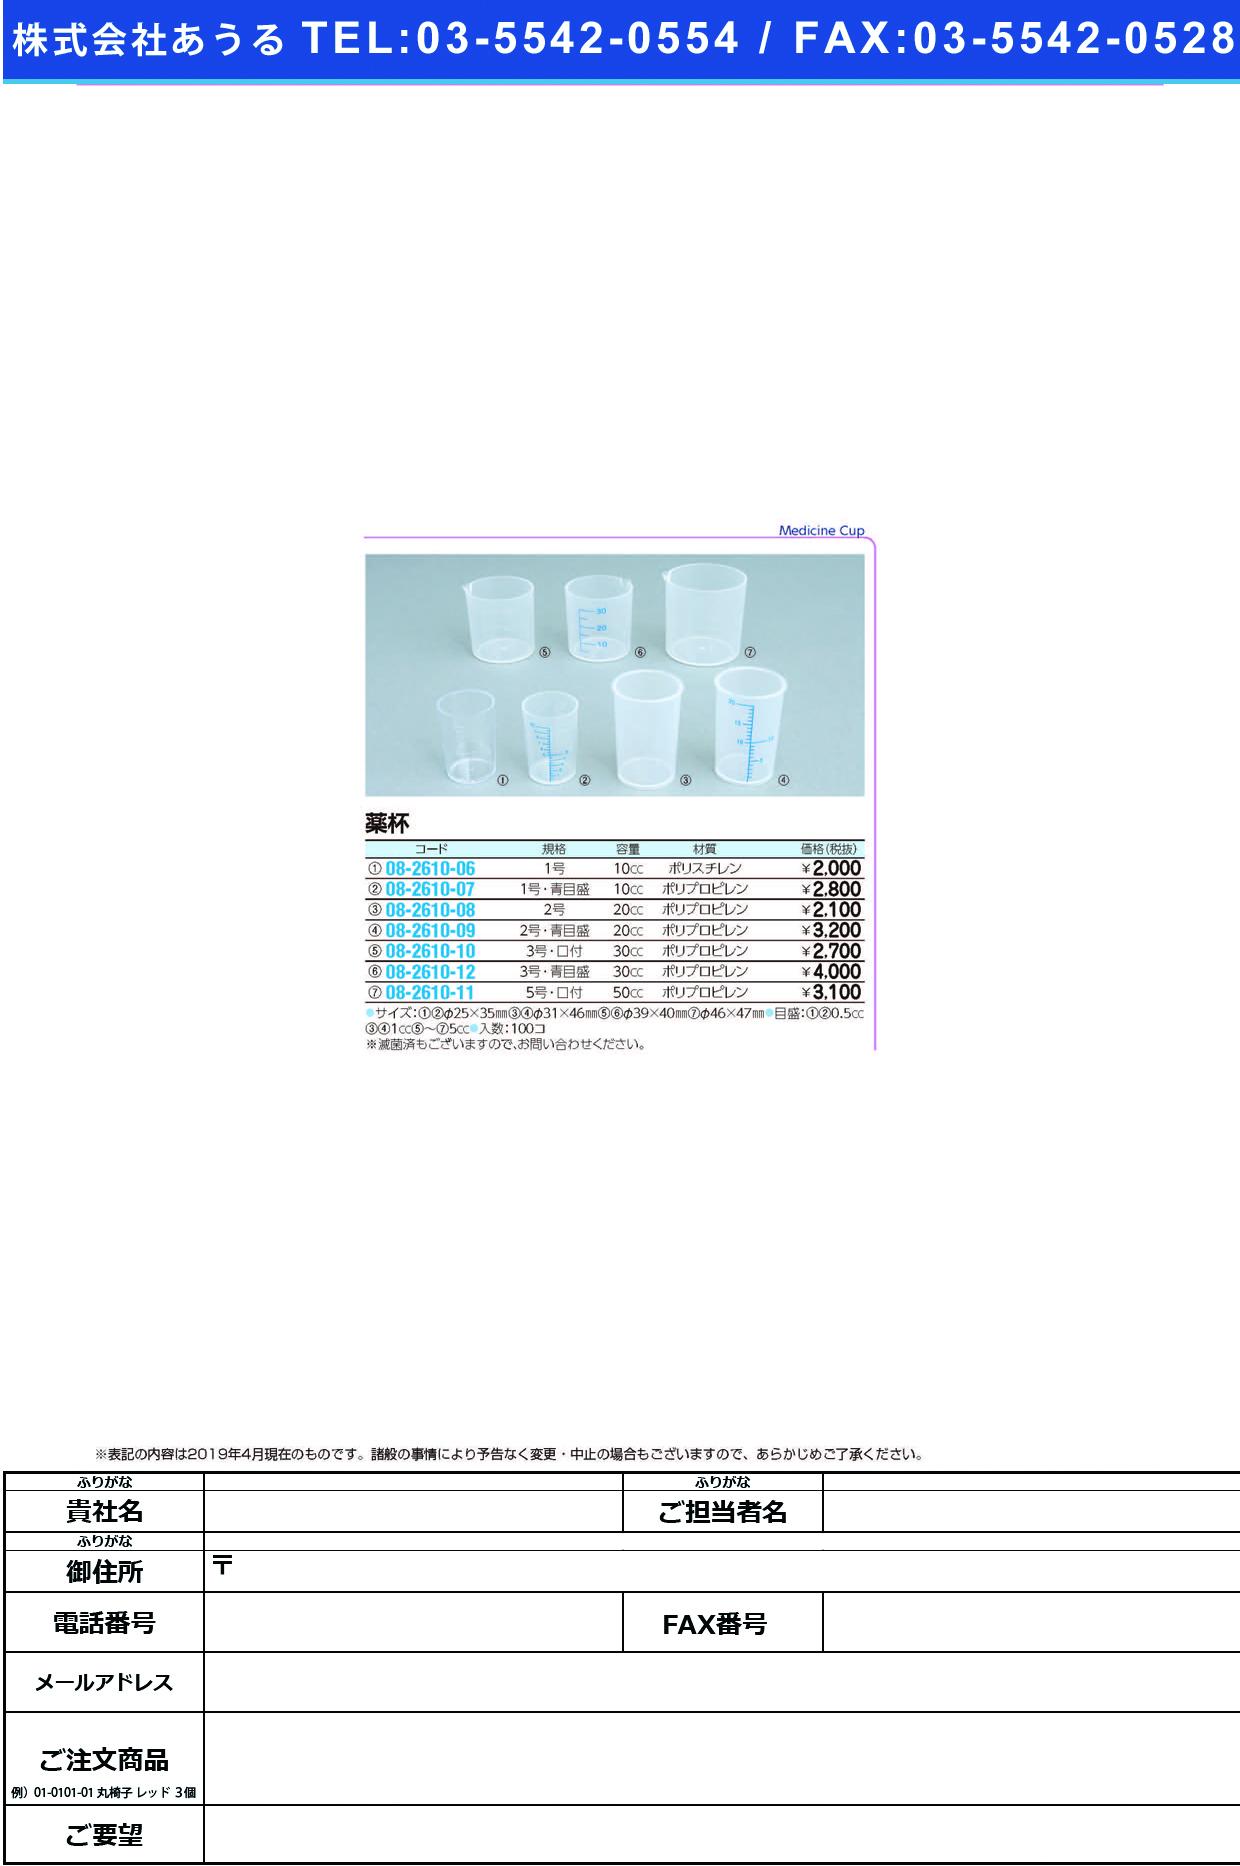 (08-2610-06)薬杯1号(ポリスチレン)未滅菌 10CC(25X35MM)100コイリ ヤクハイ1ゴウ(PS)ミメッキン(エムアイケミカル)【1袋単位】【2019年カタログ商品】